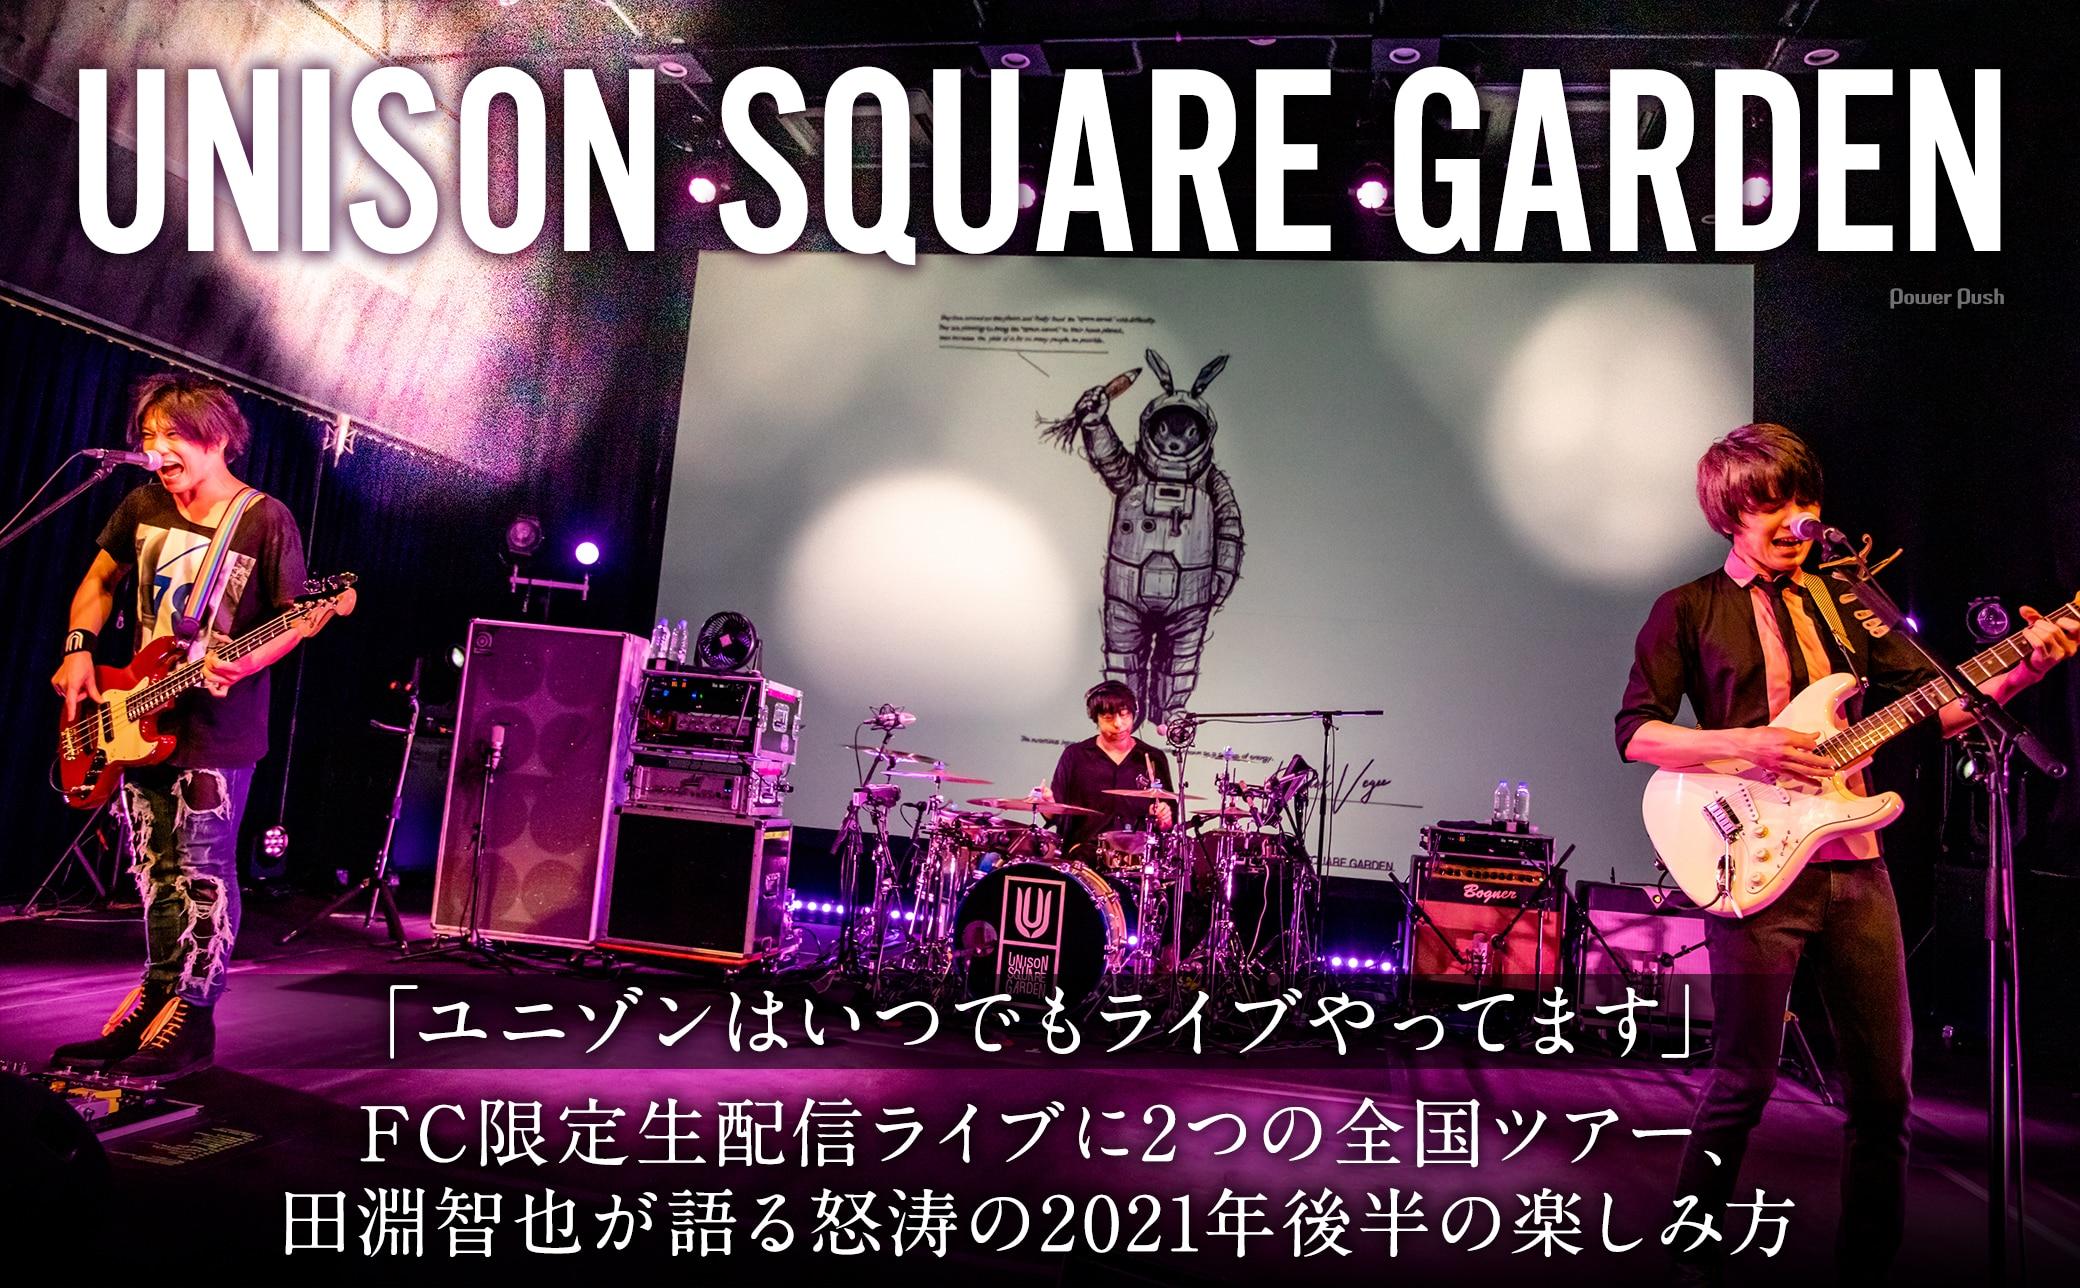 UNISON SQUARE GARDEN|「ユニゾンはいつでもライブやってます」FC限定生配信ライブに2つの全国ツアー、田淵智也が語る怒涛の2021年後半の楽しみ方